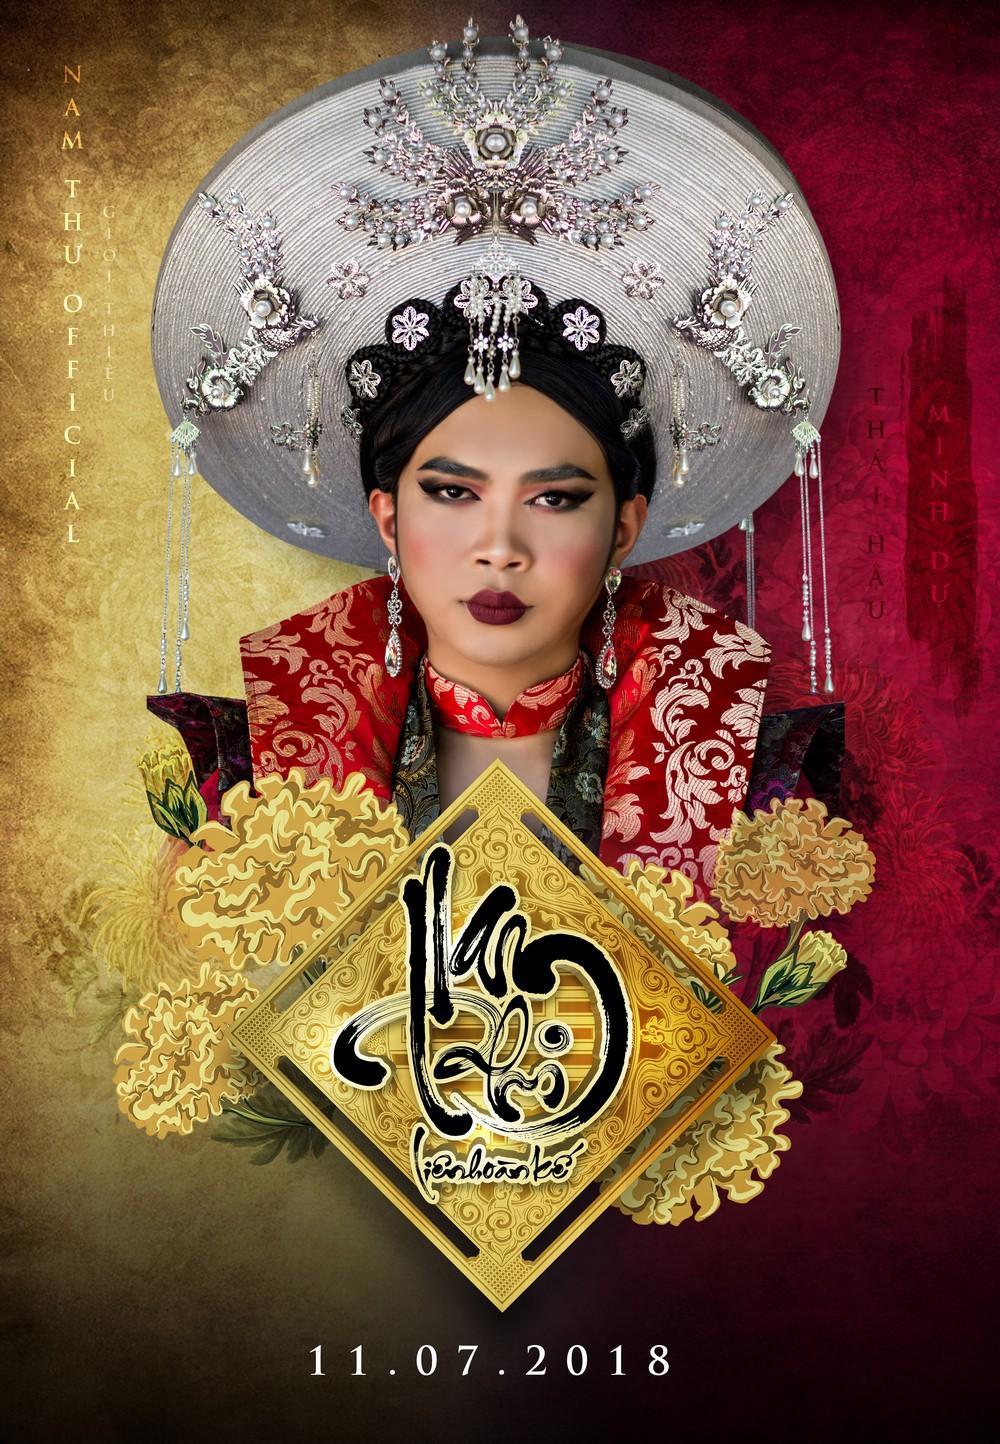 Sau Chị 13 của Thu Trang, lại đến lượt phim hậu cung của Nam Thư gây sốt  - Ảnh 5.